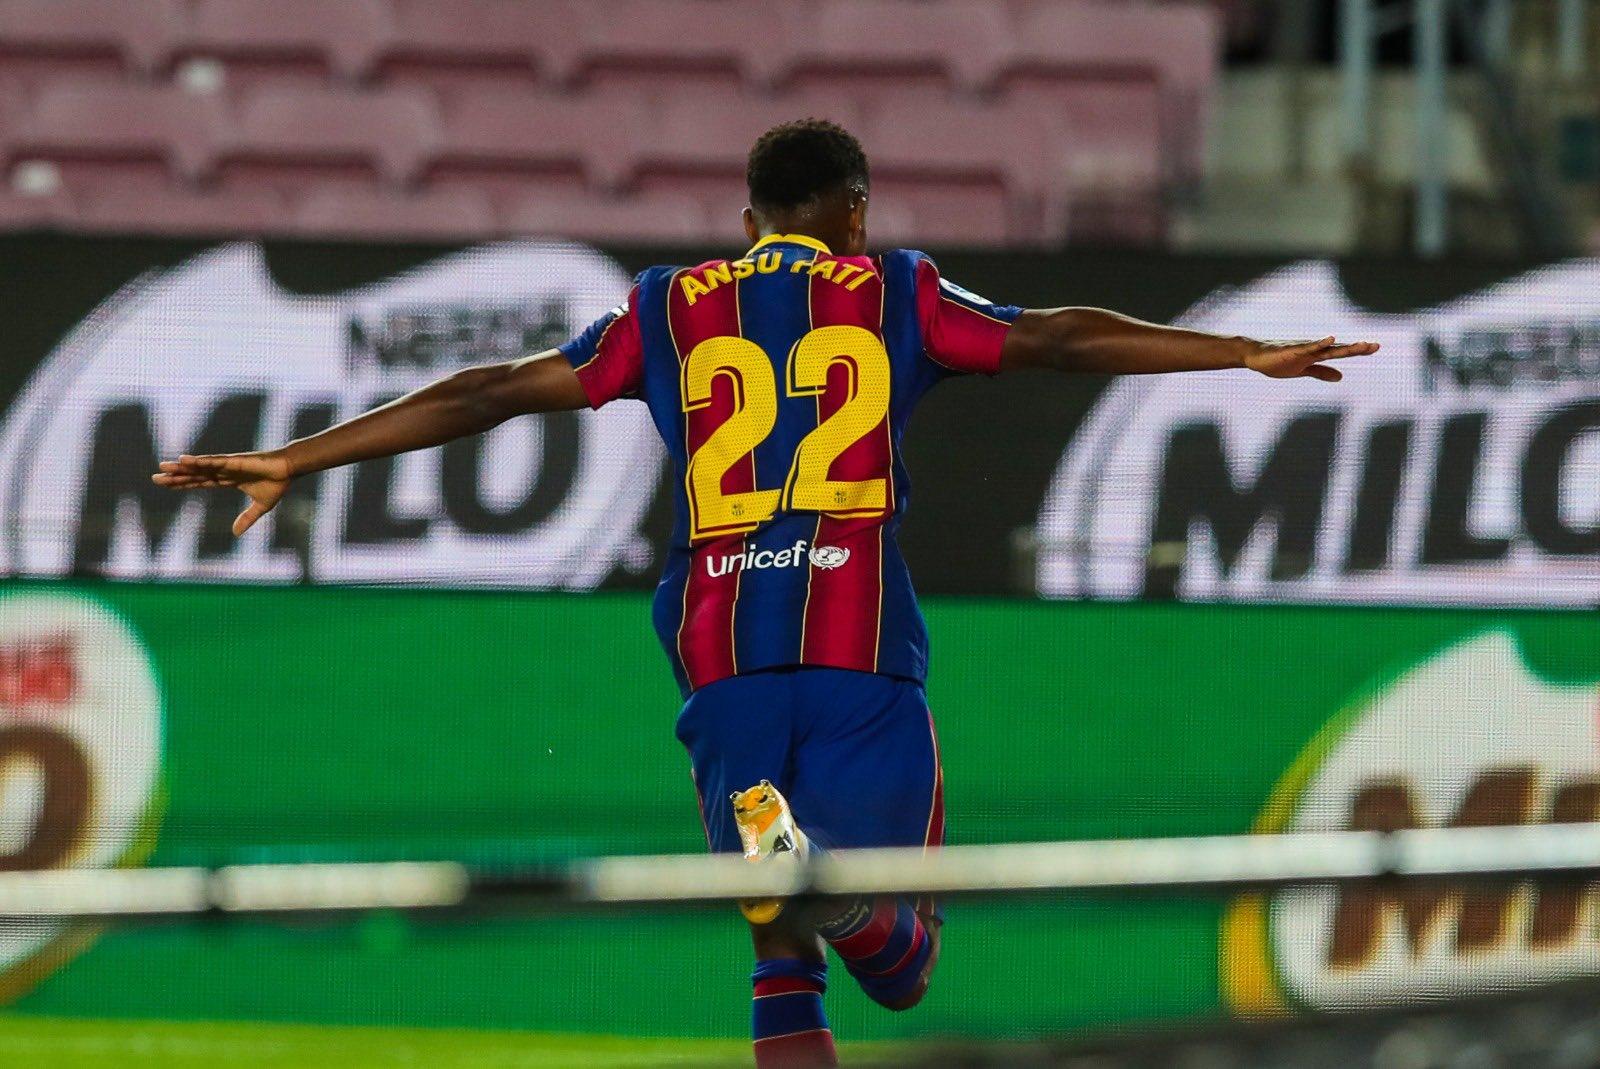 El delantero fue el autor del primer gol y doblete del Barsa en la temporada 20/21.